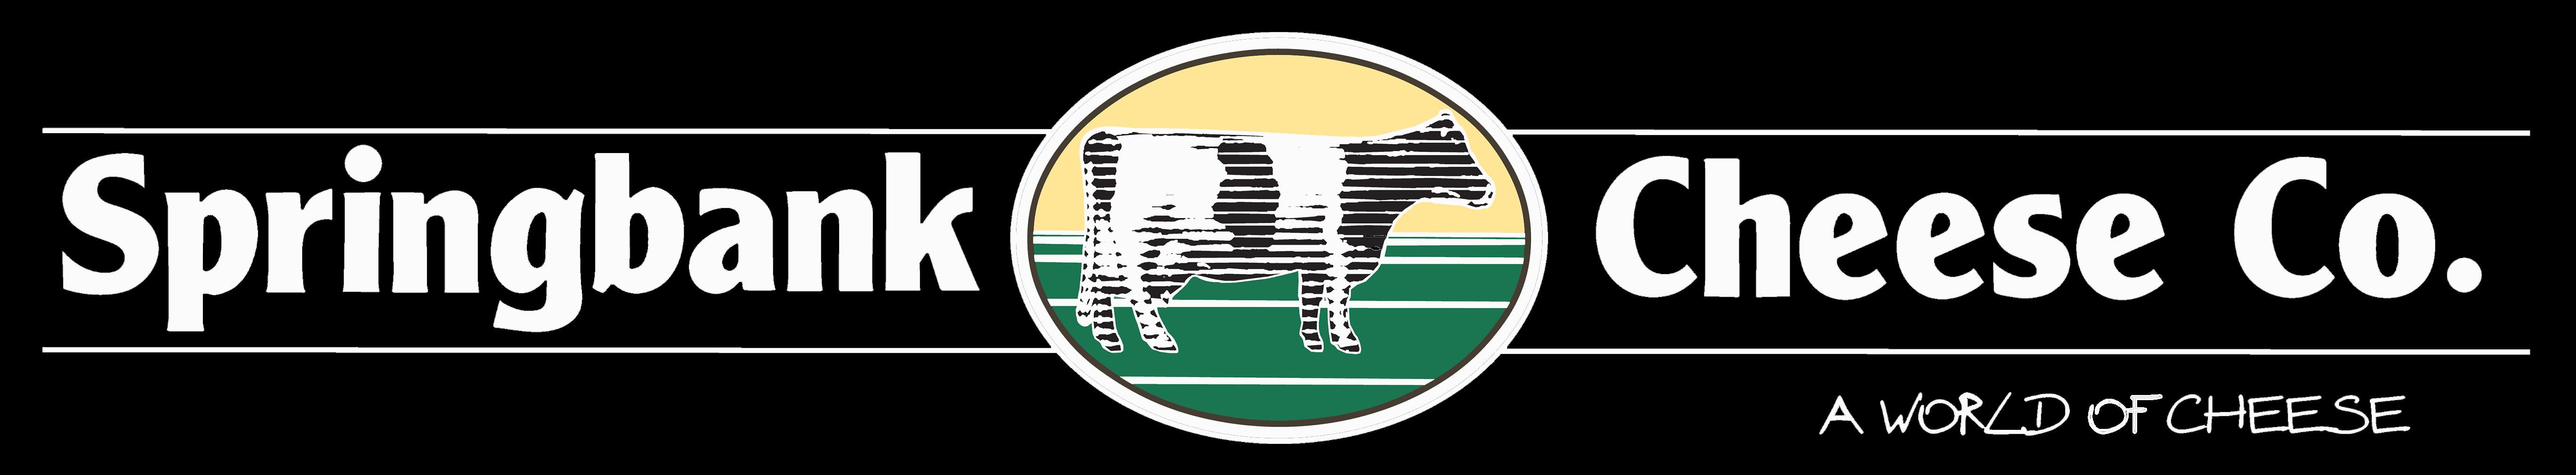 Springbank Cheese Co – Marda Loop